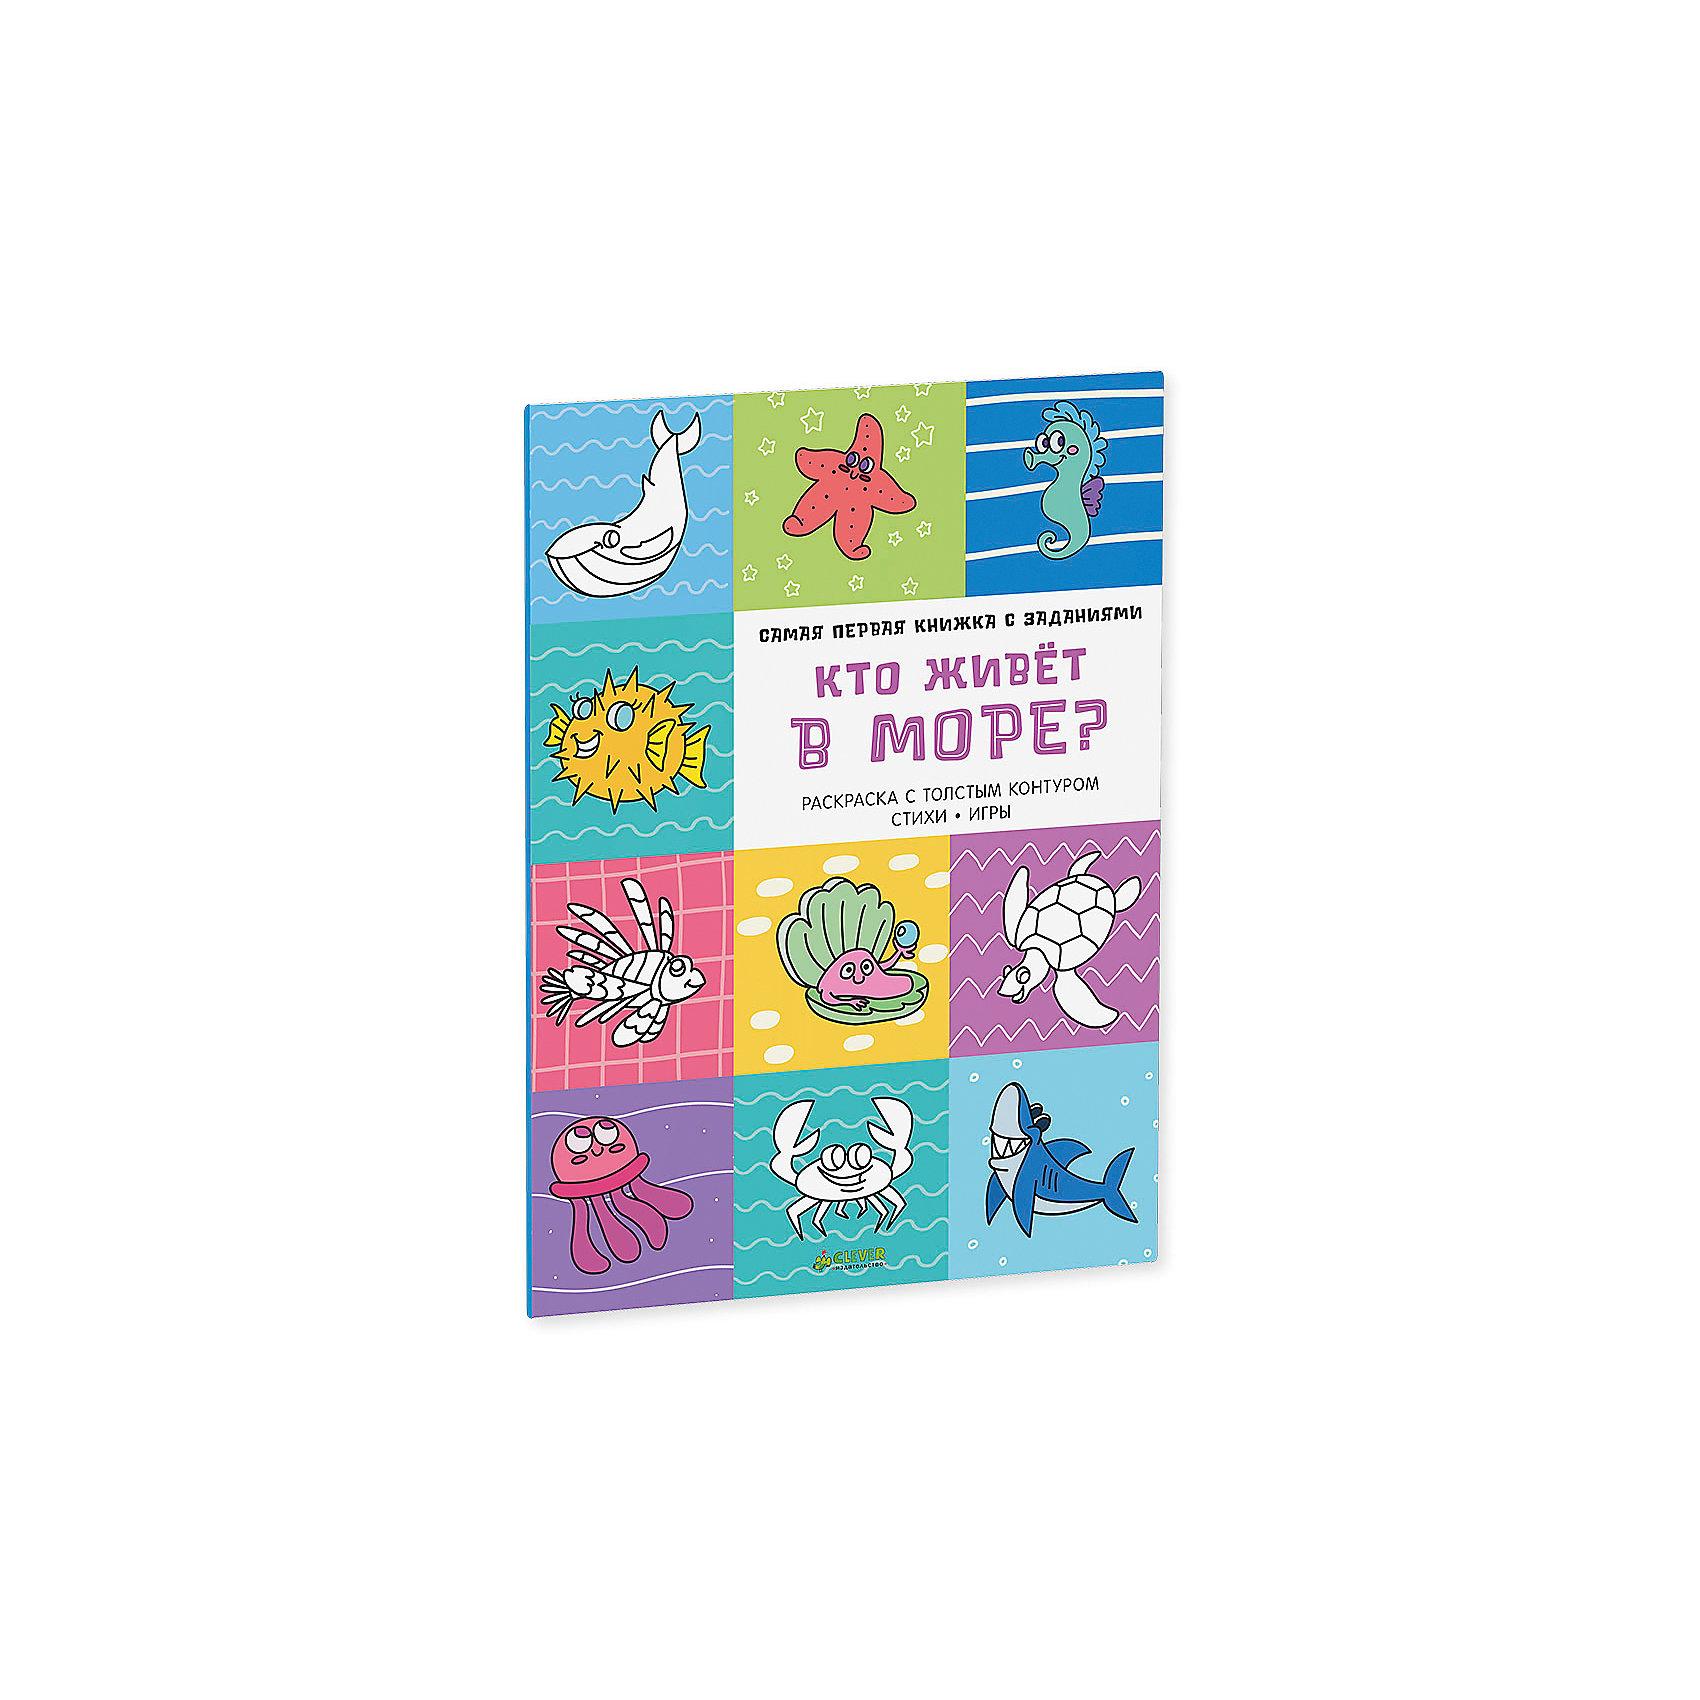 Кто живет в море? Самая первая книжка с заданиямиCLEVER (КЛЕВЕР)<br>Кто живет в море? Самая первая книжка с заданиями.<br><br>Характеристики:<br><br>- Издательство: Клевер;<br>- Размер: 220х290 мм (большой формат).<br>- Количество страниц: 16.<br><br>С любовью и заботой о вашем малыше, который только берет в руки фломастеры и карандаши, мы придумали эти замечательные раскраски с наклейками. Толстый контур, простые формы, знакомые предметы -  ваш малыш с удовольствием будет рассматривать эти книжки, раскрашивать чудесные картинки, учить веселые стихи и приклеивать наклейки. А еще внизу на каждой странице есть гид для родителей с дополнительными заданиями и играми. Каждая книжка- раскраска из этой серии -  прекрасный инструмент для развития речи, мелкой моторики, фантазии и замечательный повод для общения родителей с малышом. Идеально для ребенка от двух лет!<br><br>Кто живет в море? Самая первая книжка с заданиями, можно купить в нашем интернет – магазине.<br><br>Ширина мм: 285<br>Глубина мм: 215<br>Высота мм: 5<br>Вес г: 174<br>Возраст от месяцев: 0<br>Возраст до месяцев: 36<br>Пол: Унисекс<br>Возраст: Детский<br>SKU: 5377846